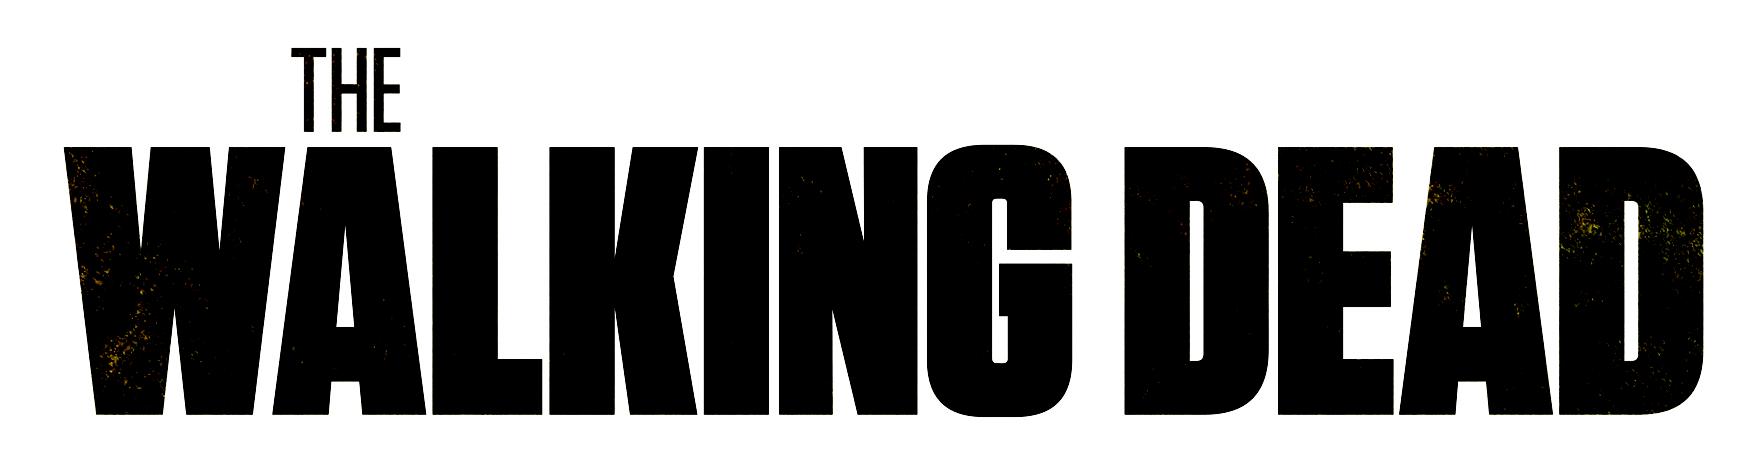 The Walking Dead stagione 4 e Homeland 3 dal 14 Ottobre su FOX   Digitale terrestre: Dtti.it